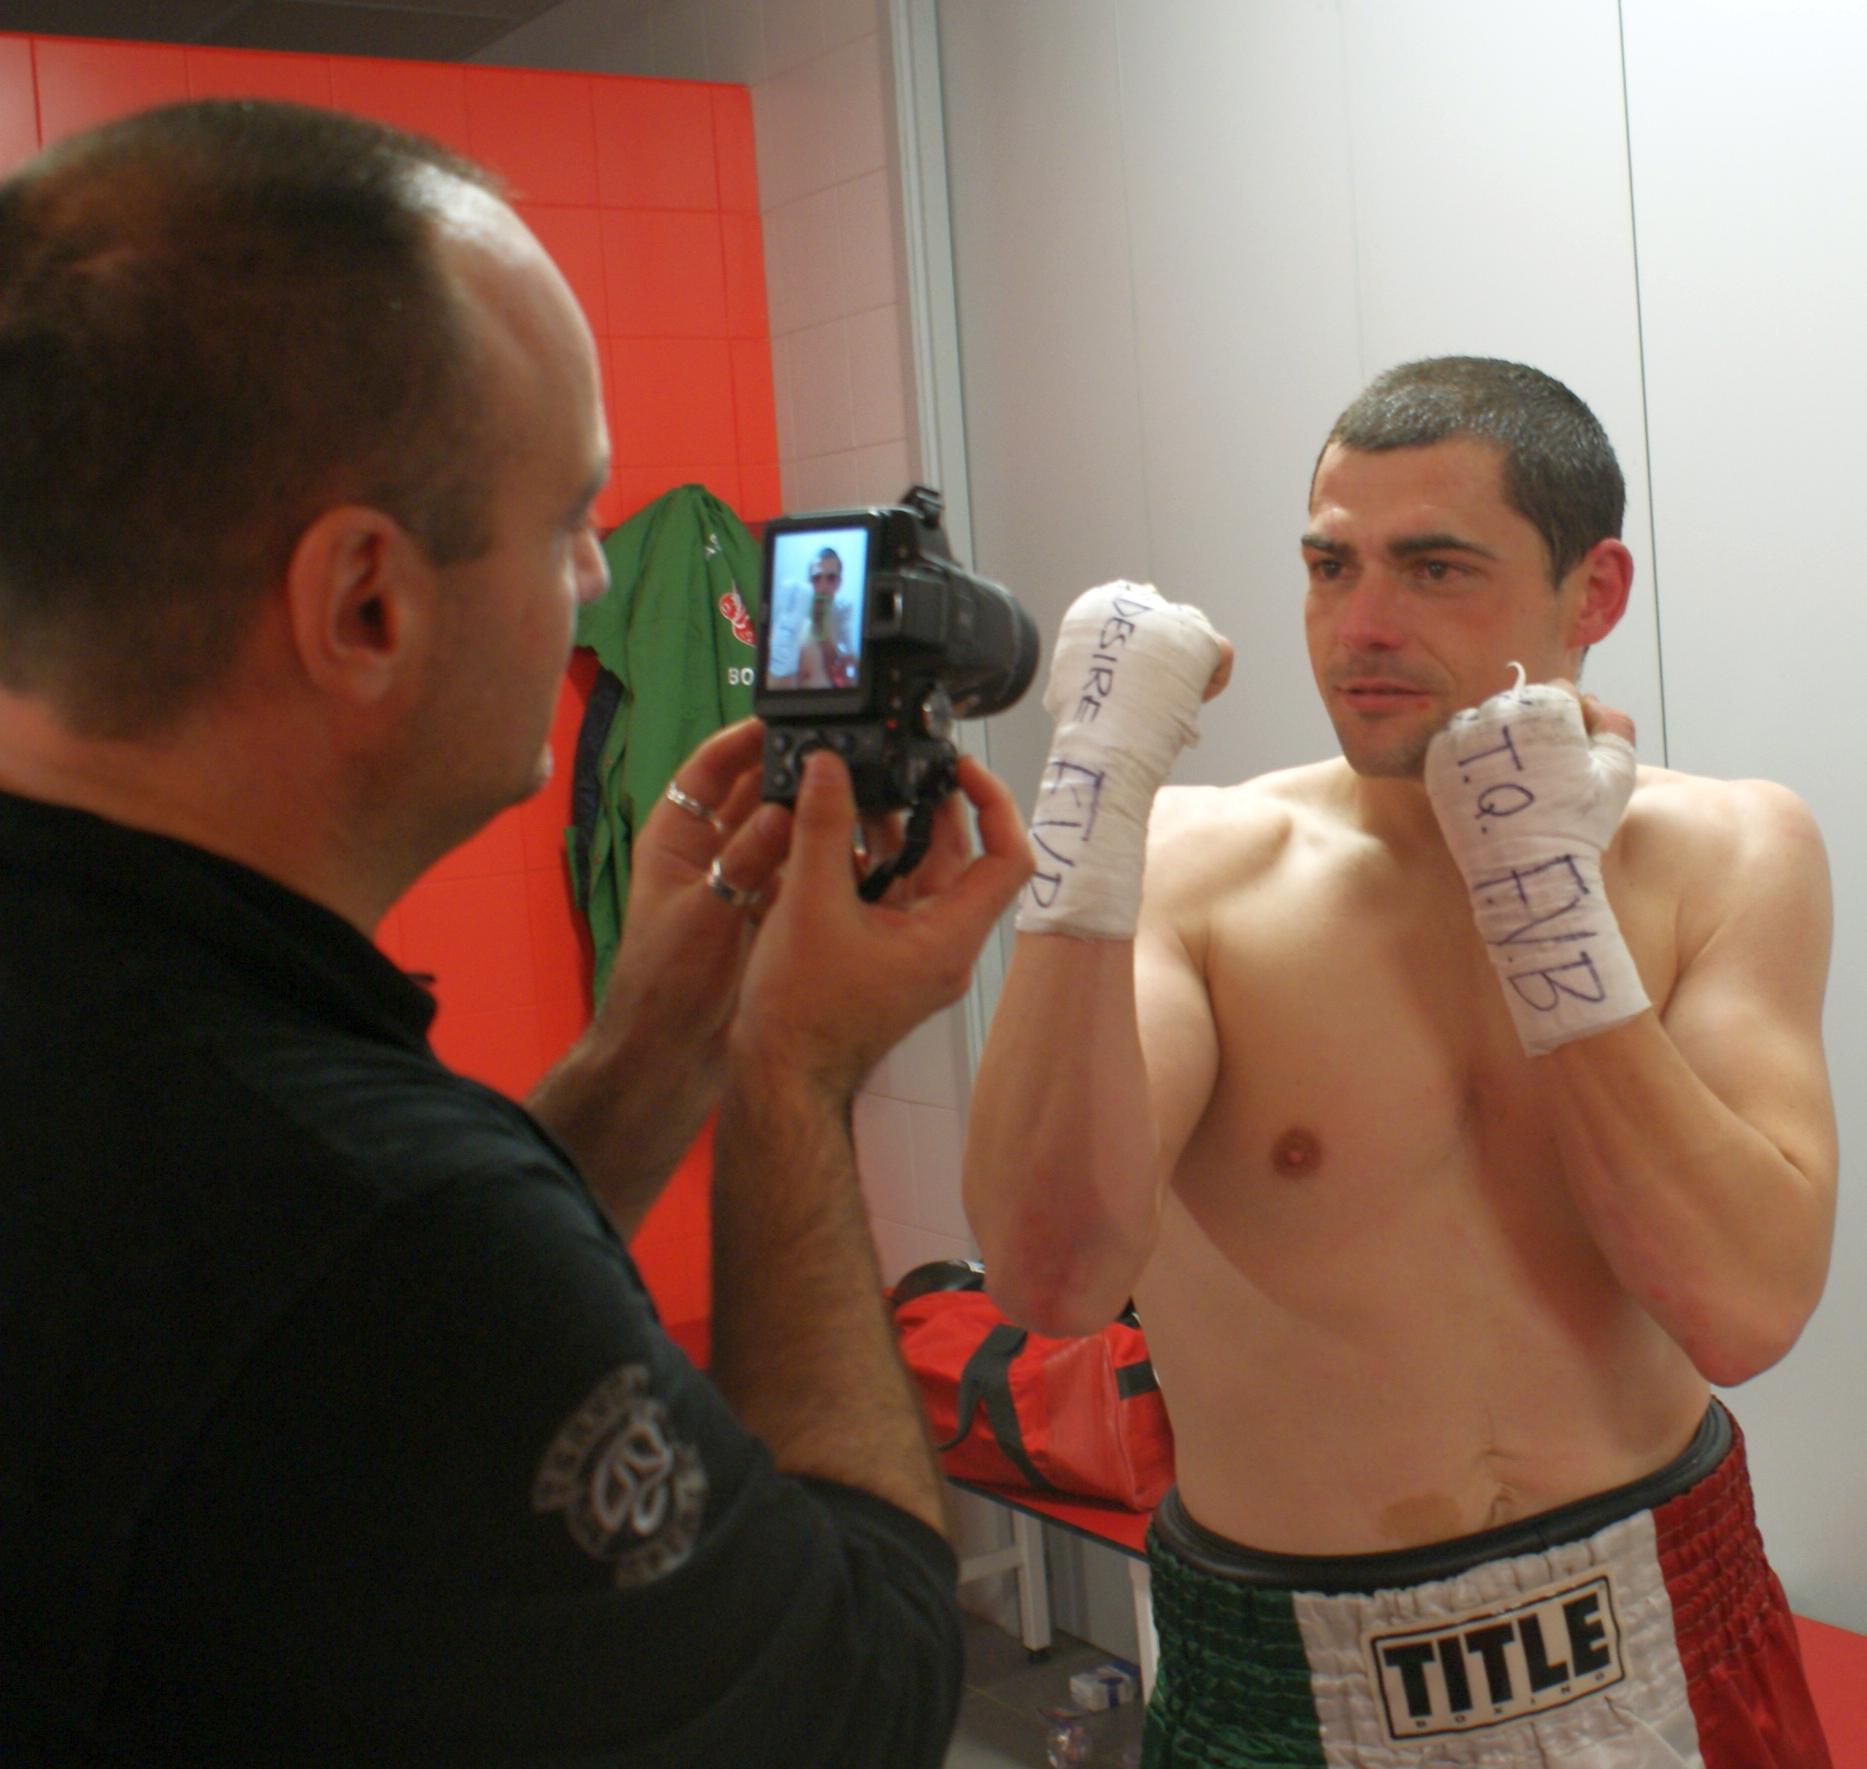 El boxeador profesional Andoni gago posa para el fotógrafo tras una victoria en Bilbao